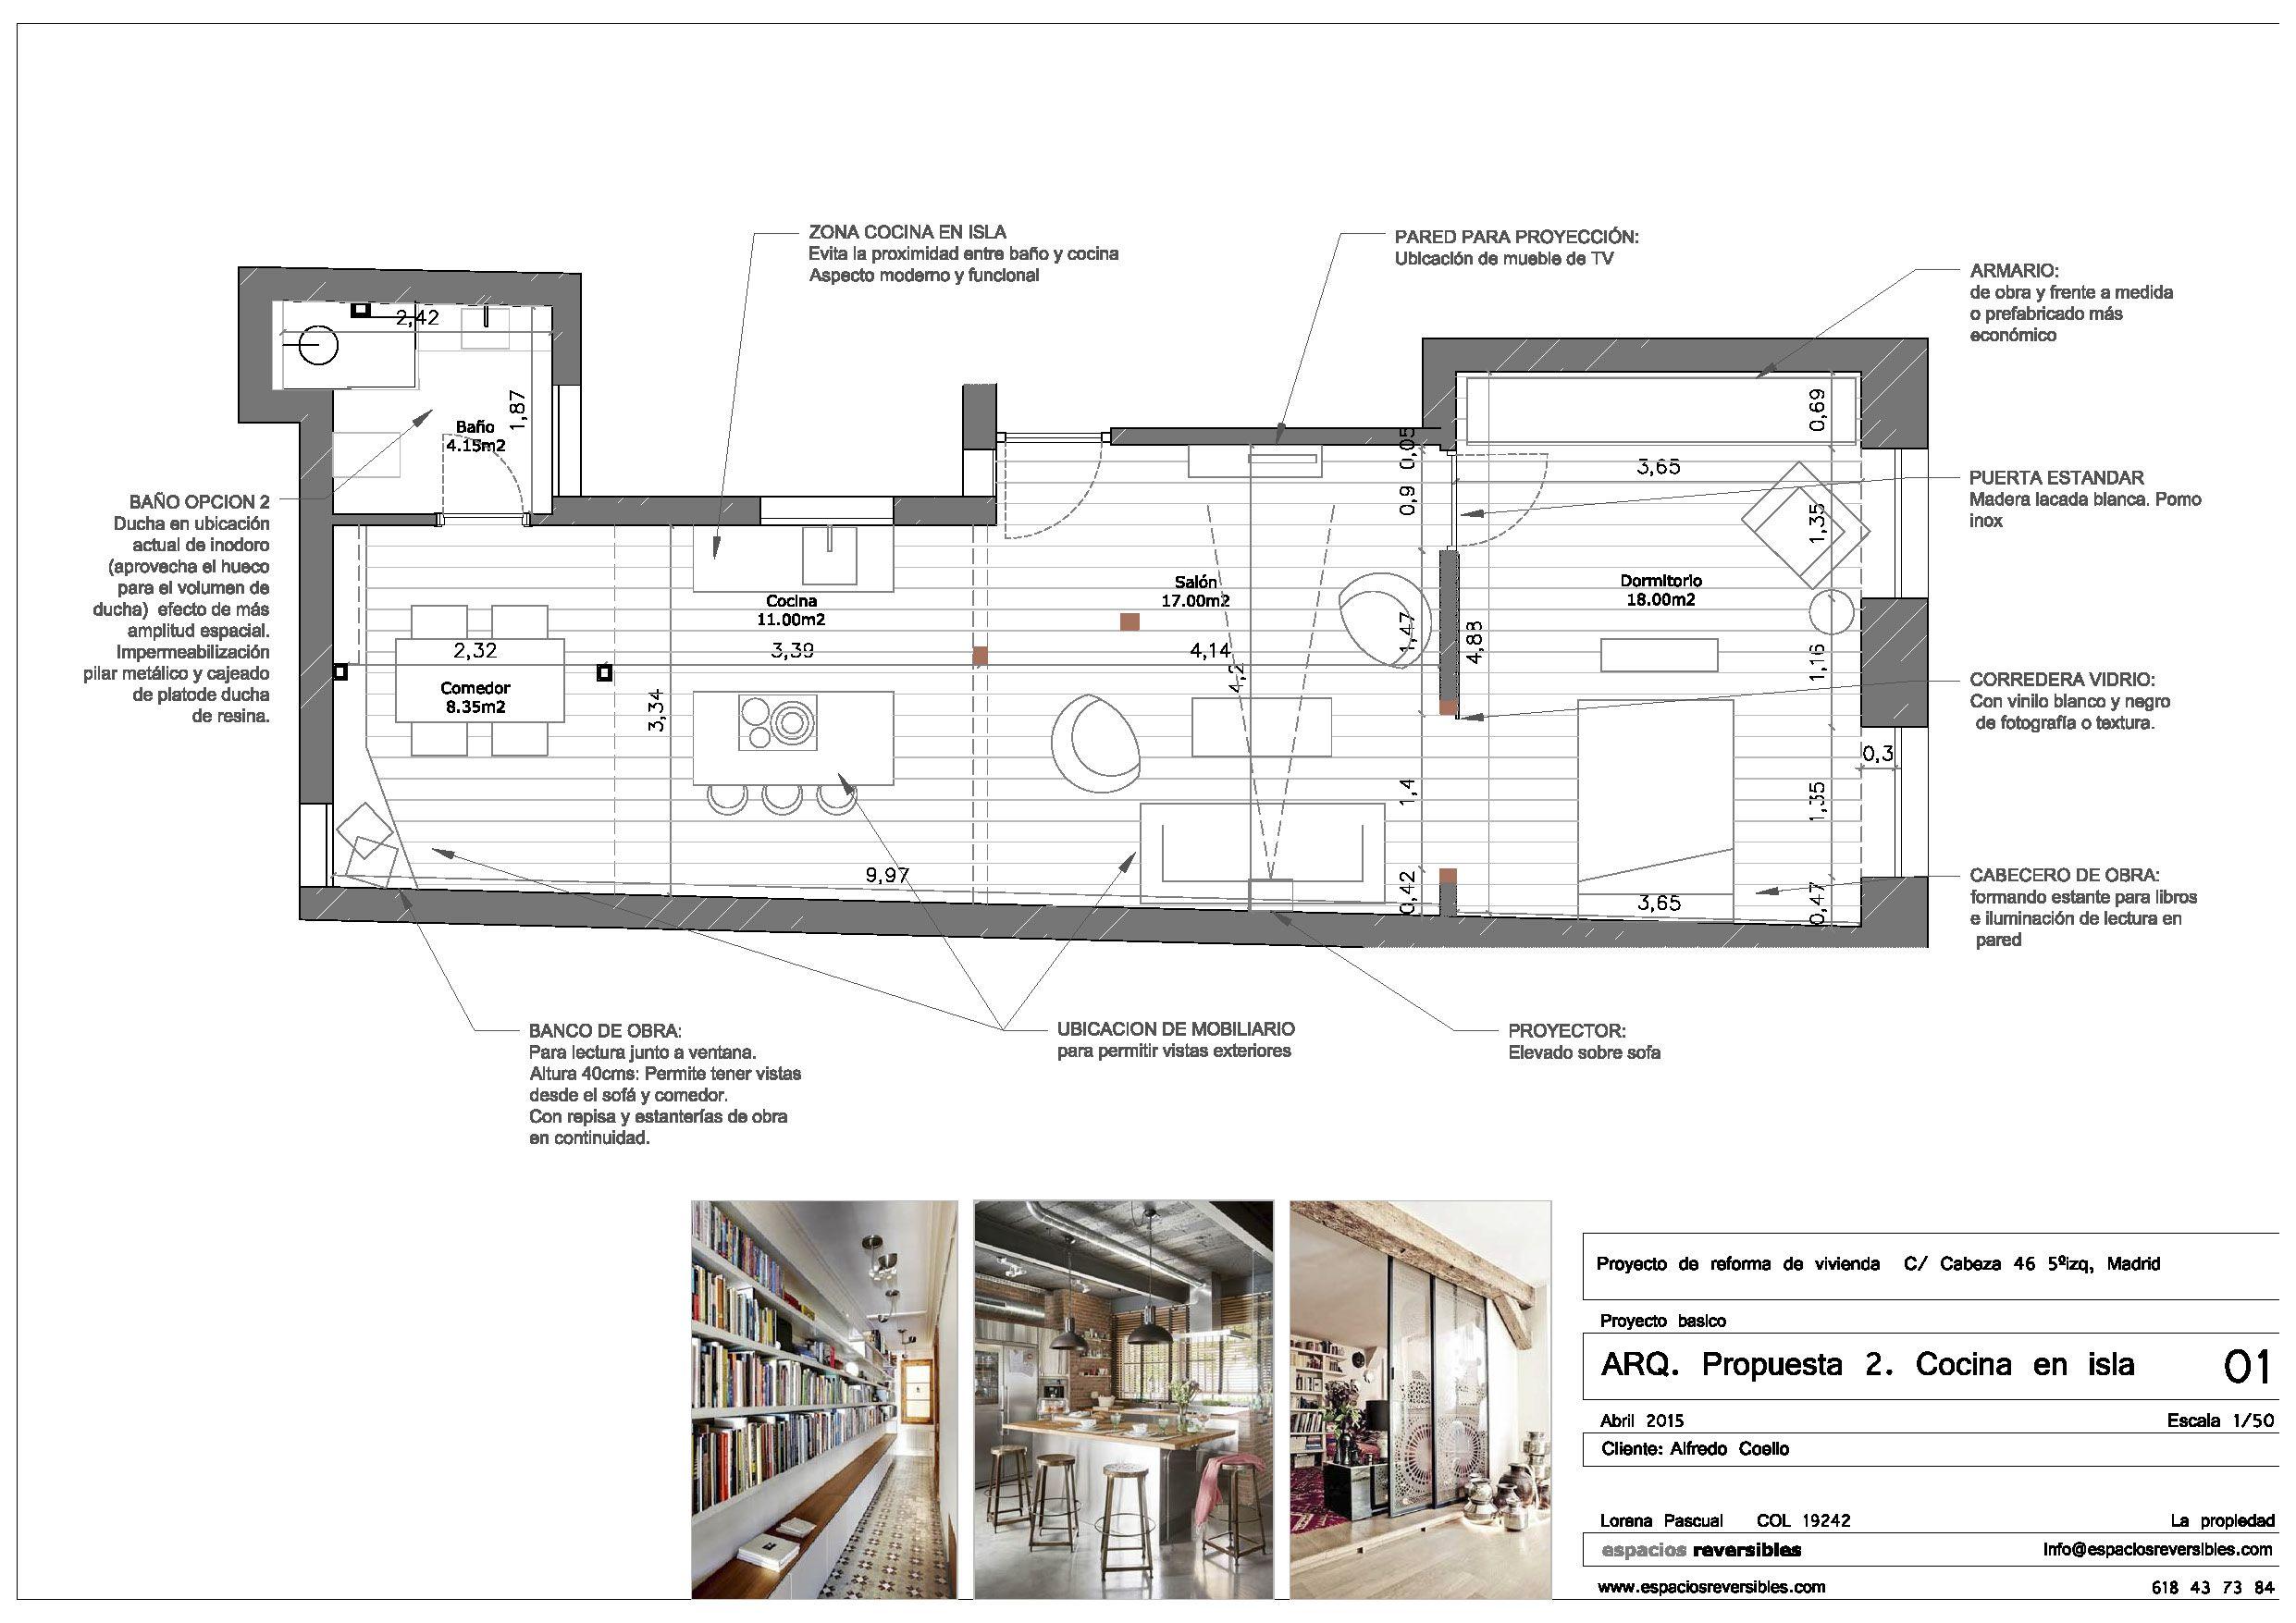 Proyecto de rehabiliación integral de vivienda en Palacio, Madrid. Anteproyecto arquitectónico de distribución espacial.